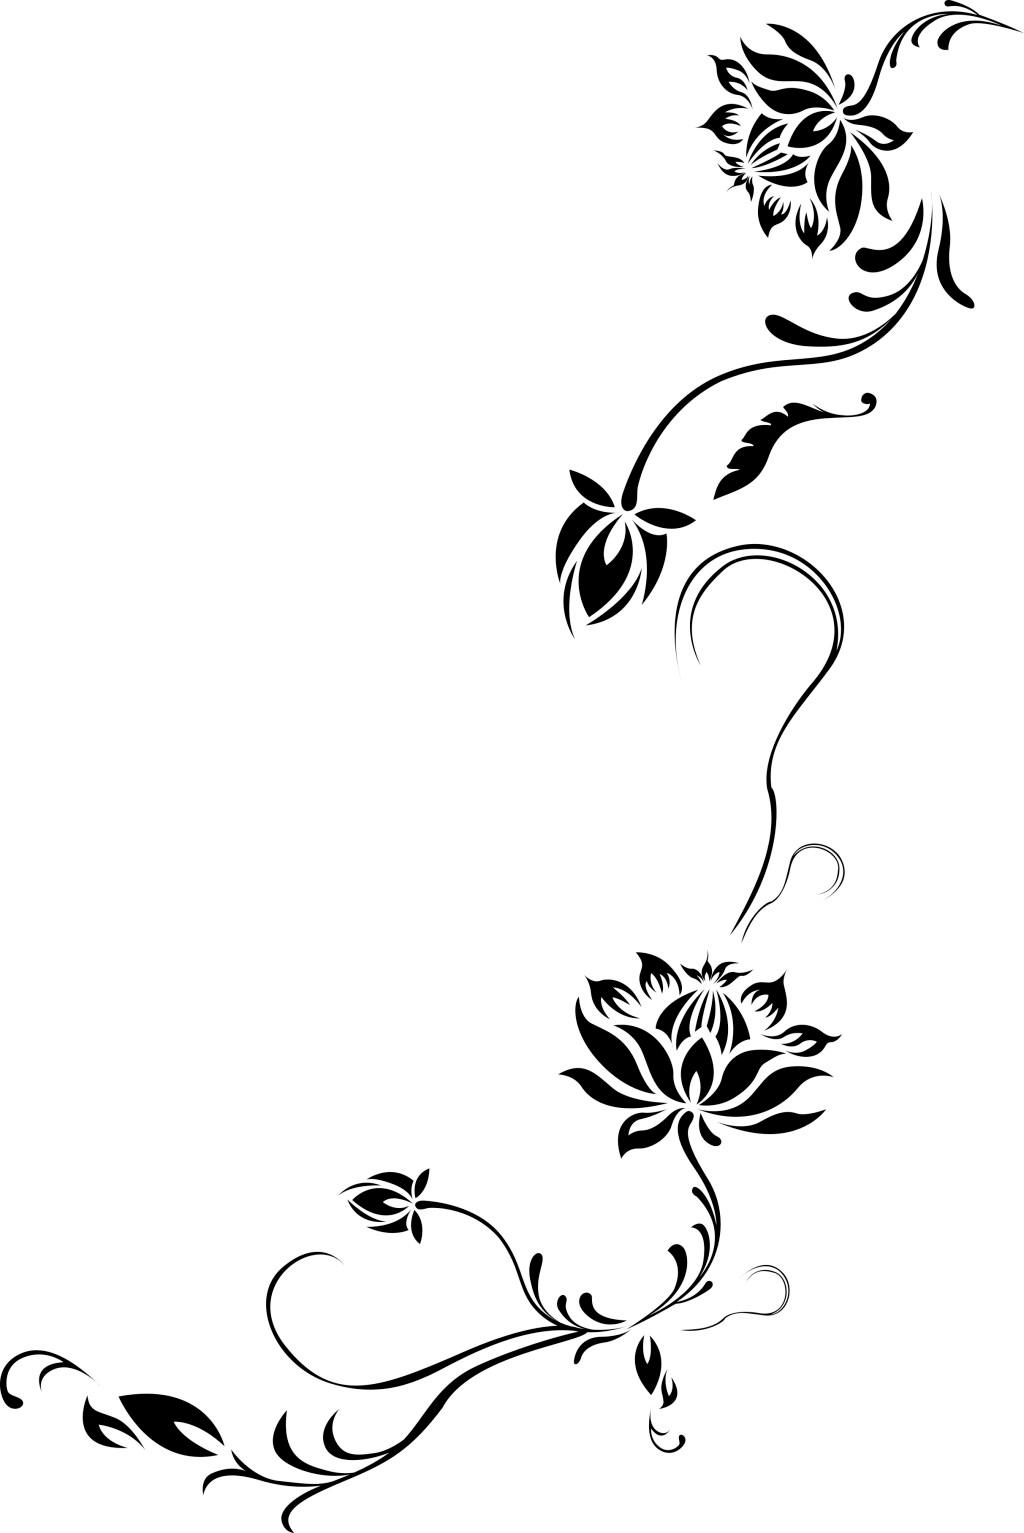 花边 矢量图 边框 边纹 底纹 线条